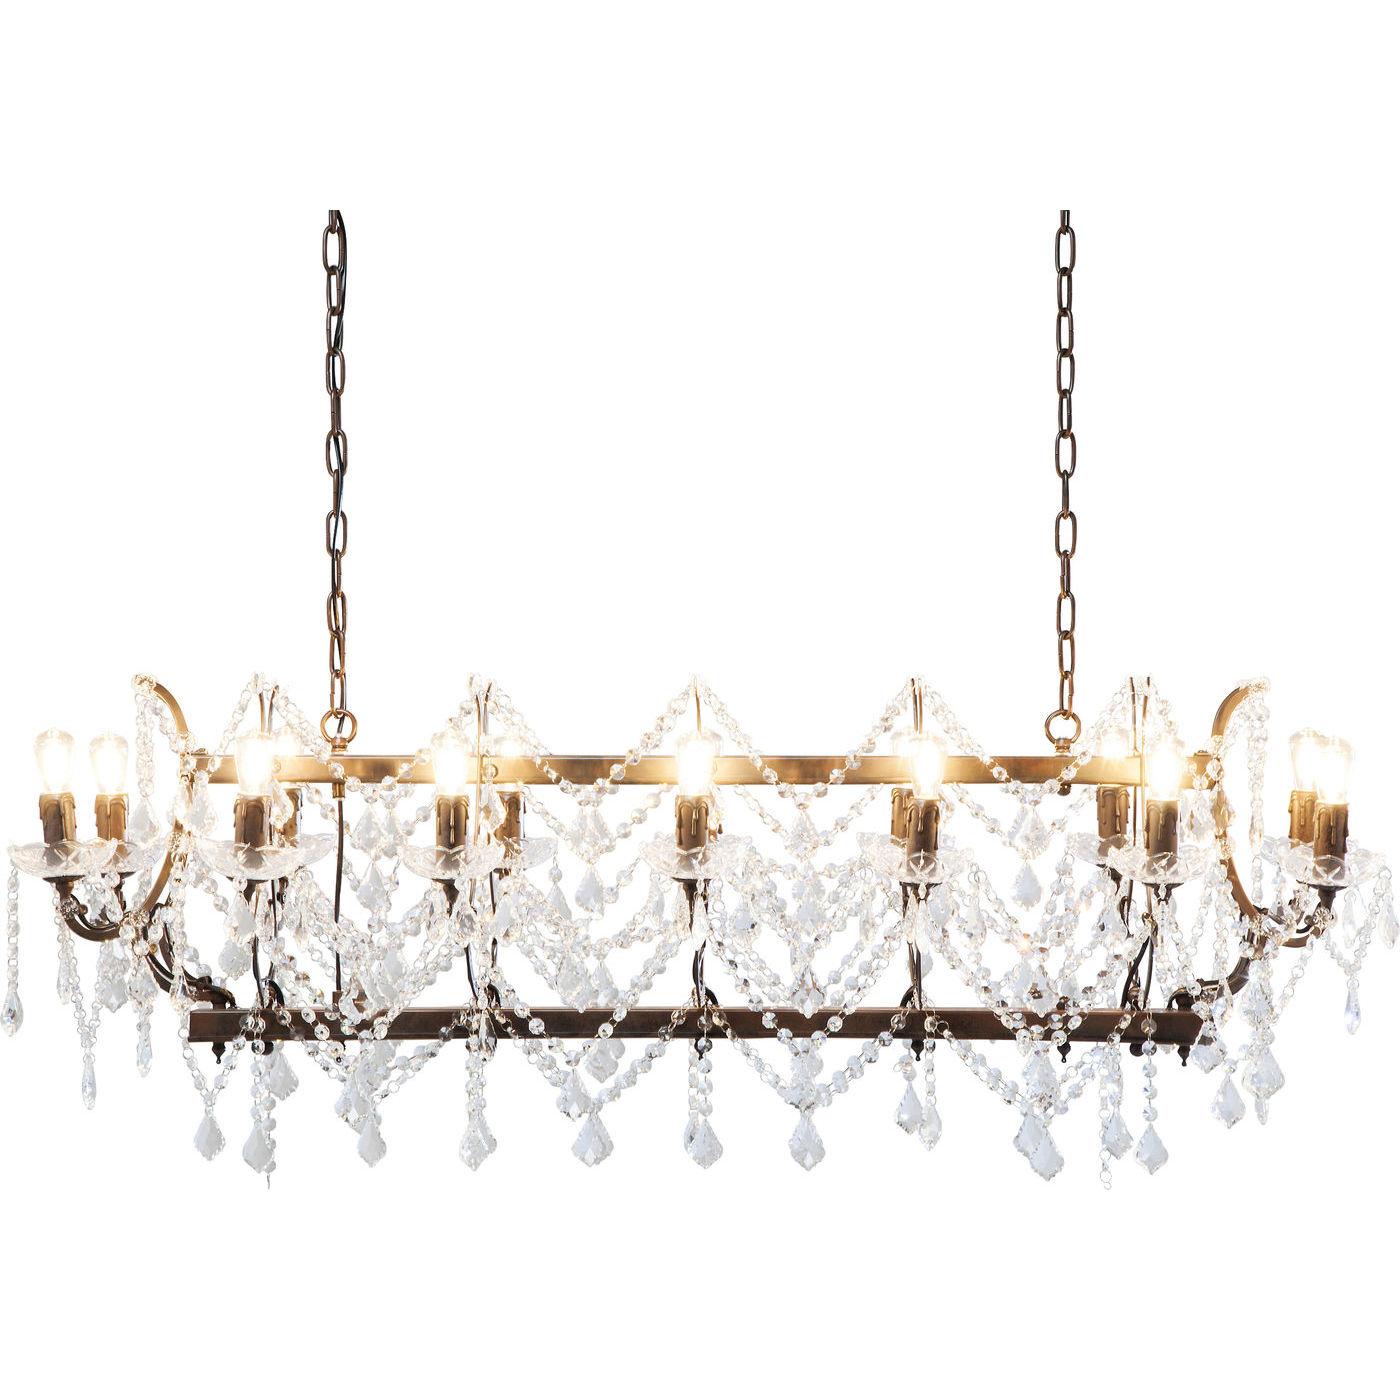 kare design Kare design chateau crystal rusty loftlampe - brunt stål og glas på boboonline.dk